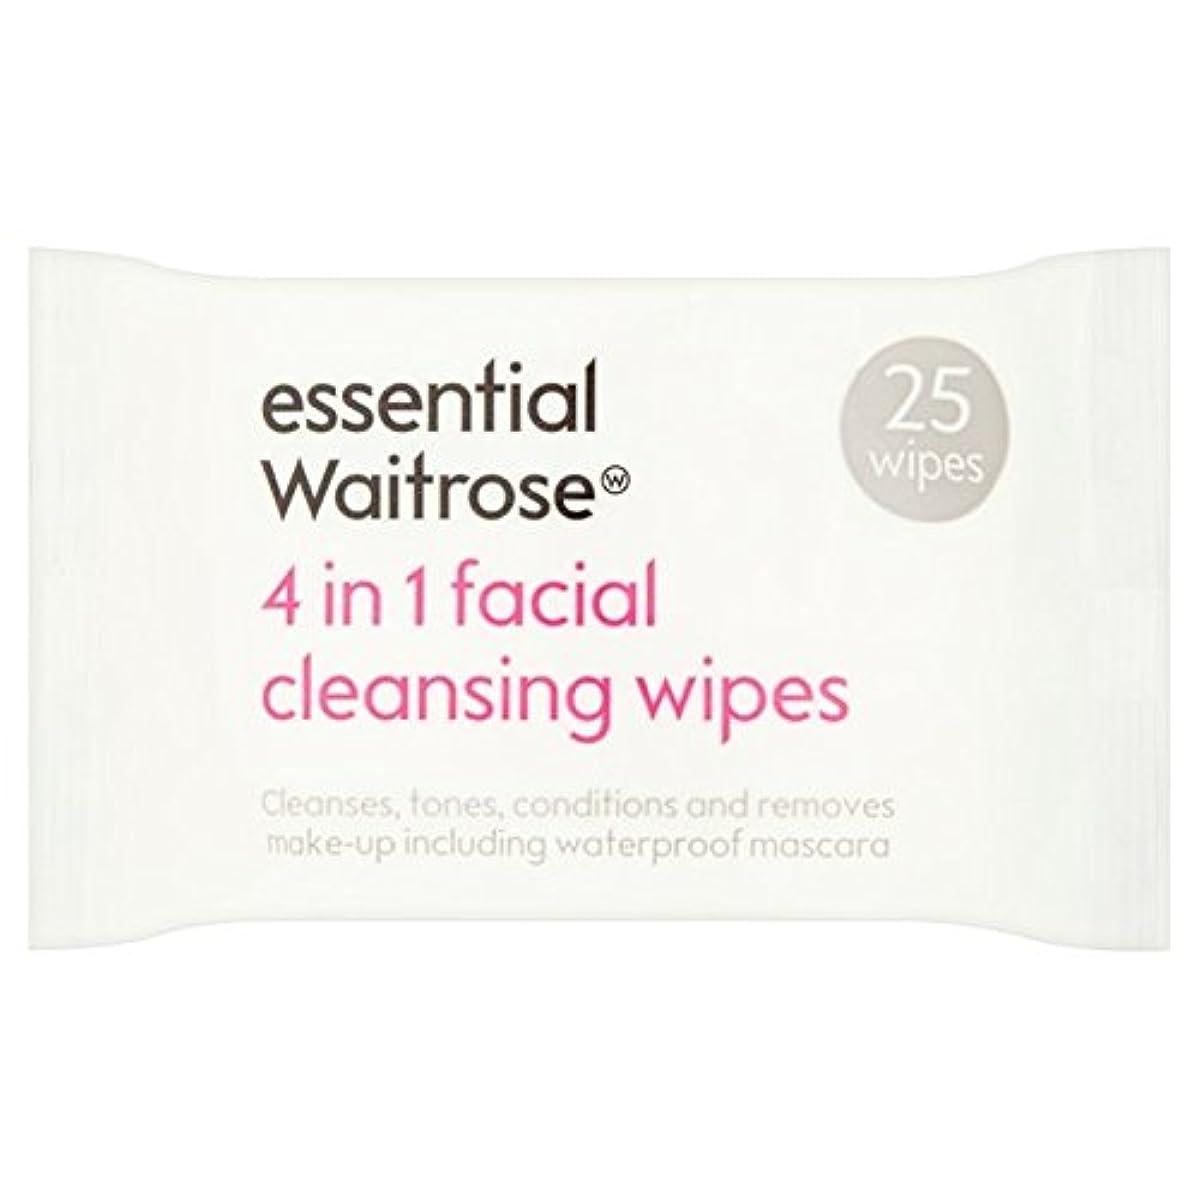 ブレンドハンバーガー効率的に3 1での顔のワイプパックあたり不可欠ウェイトローズ25 x2 - 3 in 1 Facial Wipes essential Waitrose 25 per pack (Pack of 2) [並行輸入品]